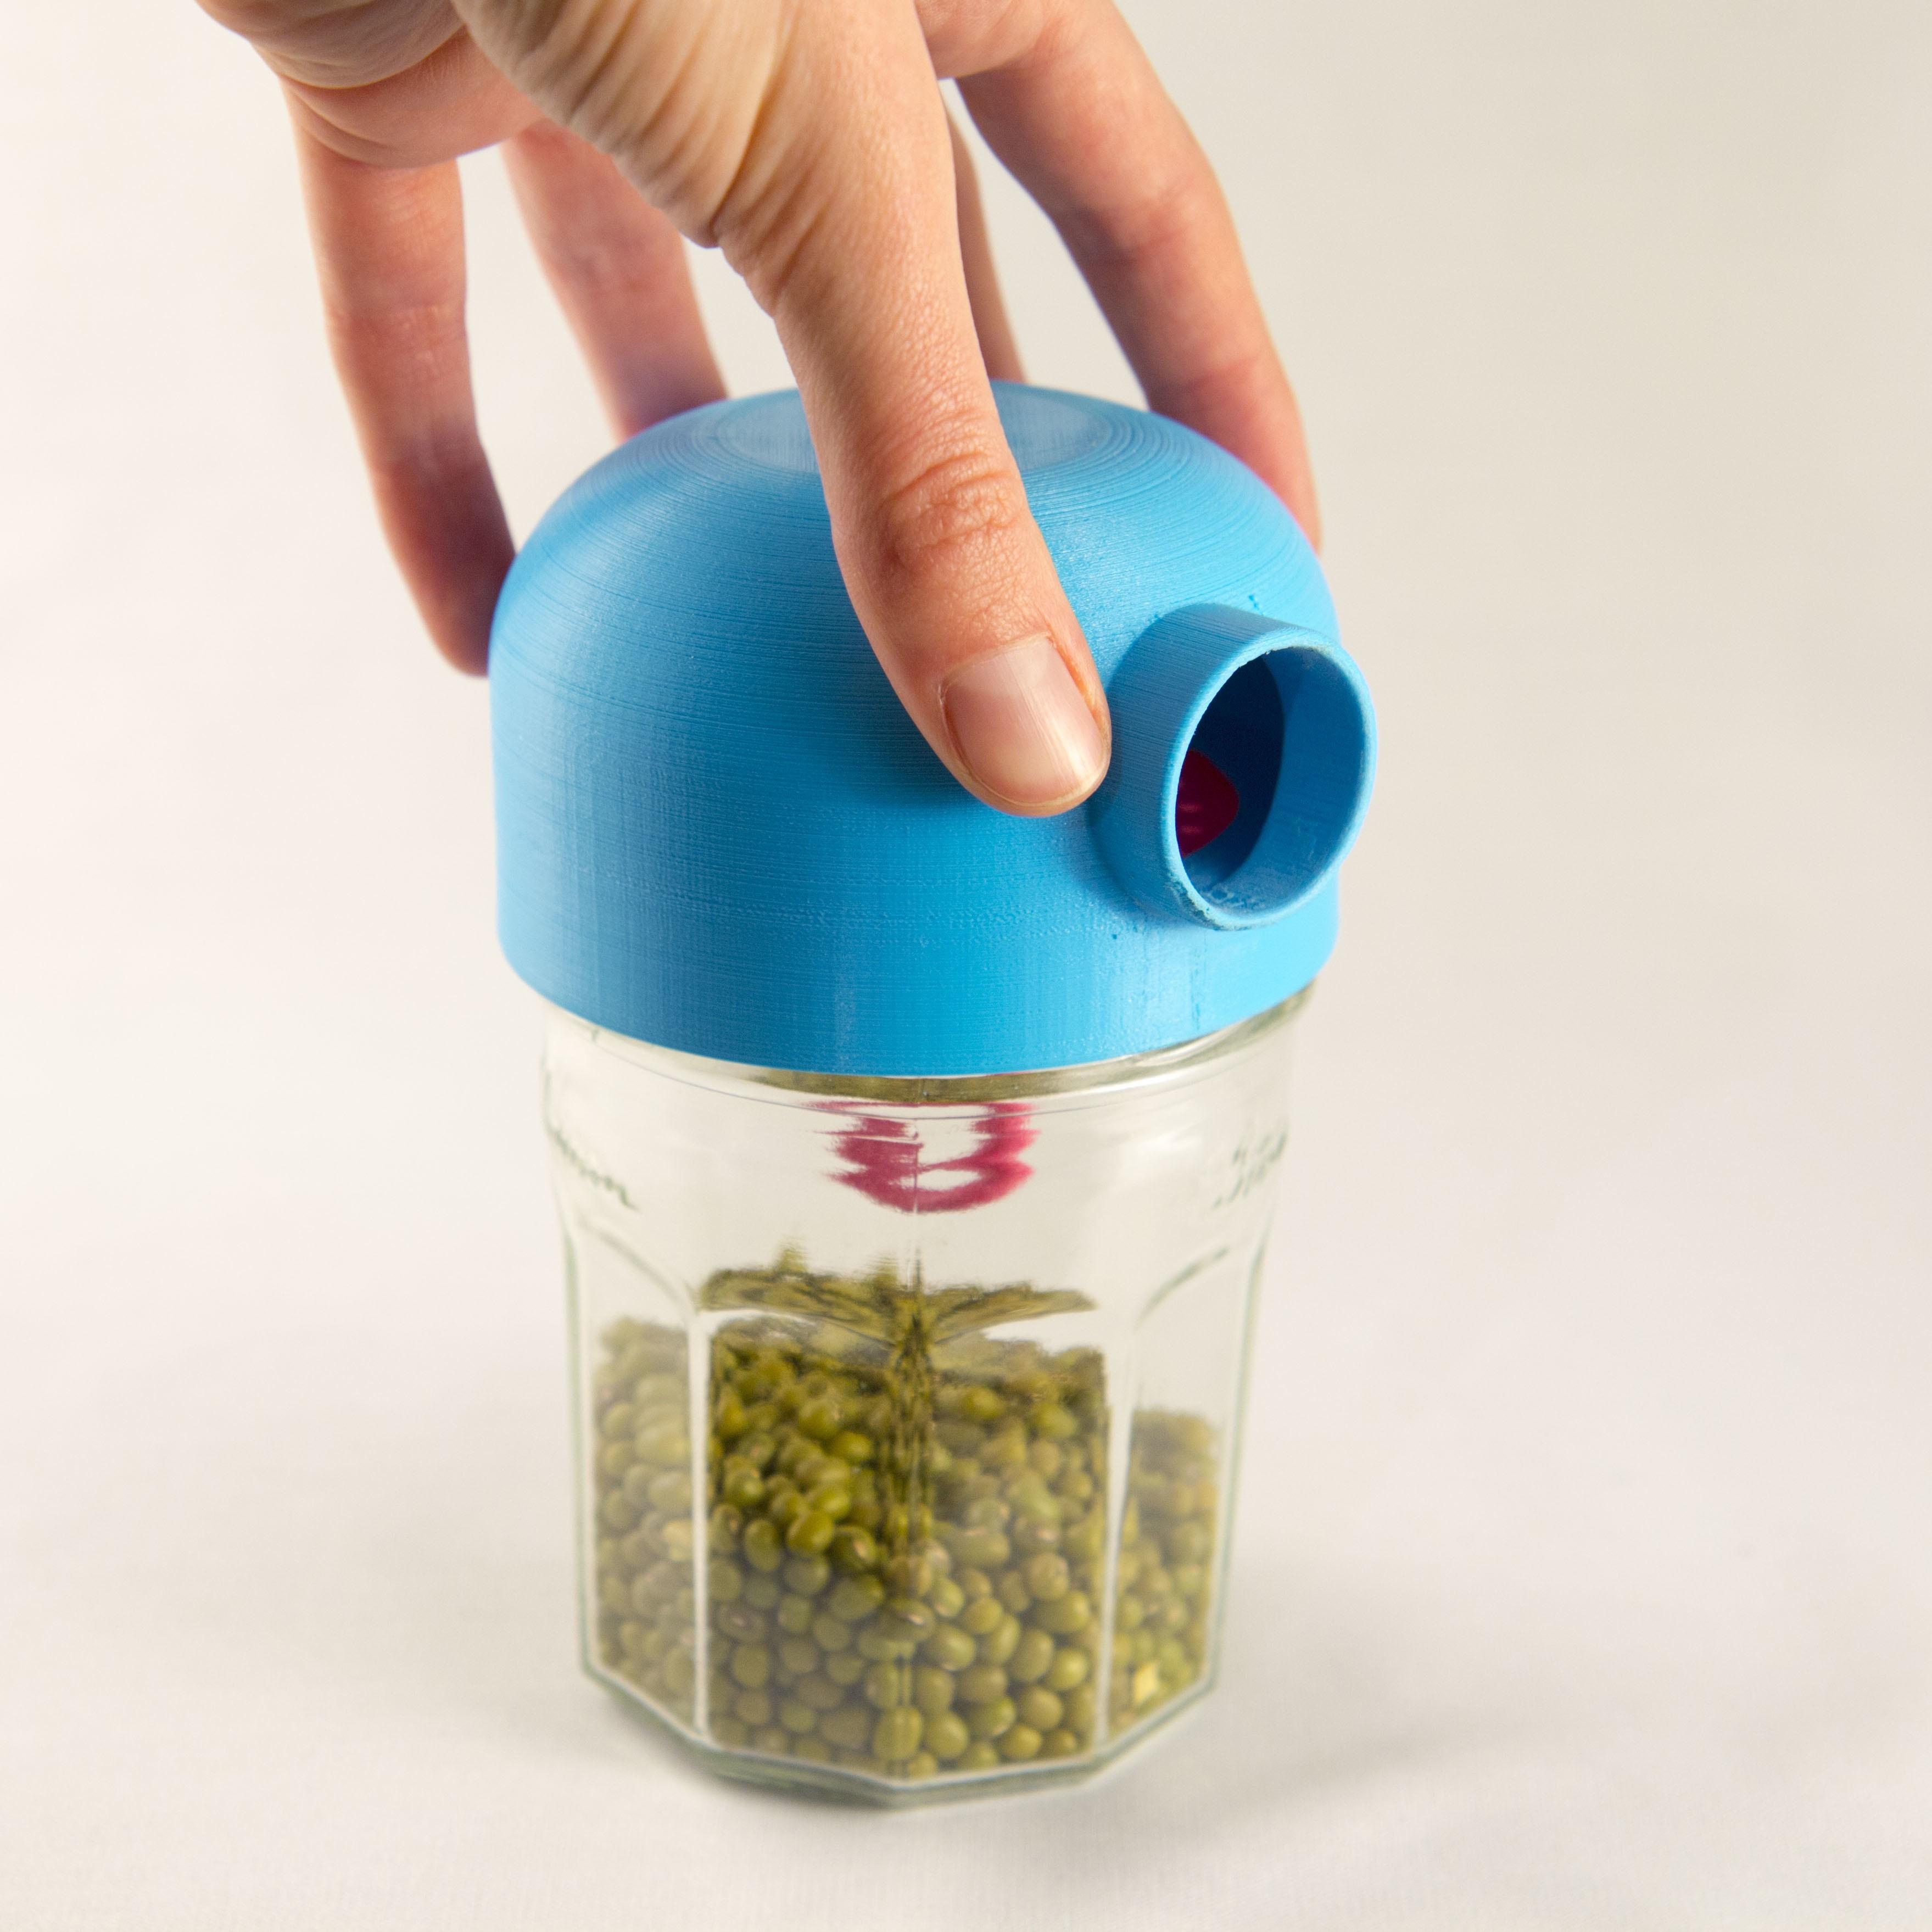 171203-EOS-060.jpg Télécharger fichier STL Sproot - Germoir à graines • Design pour imprimante 3D, clemgerm